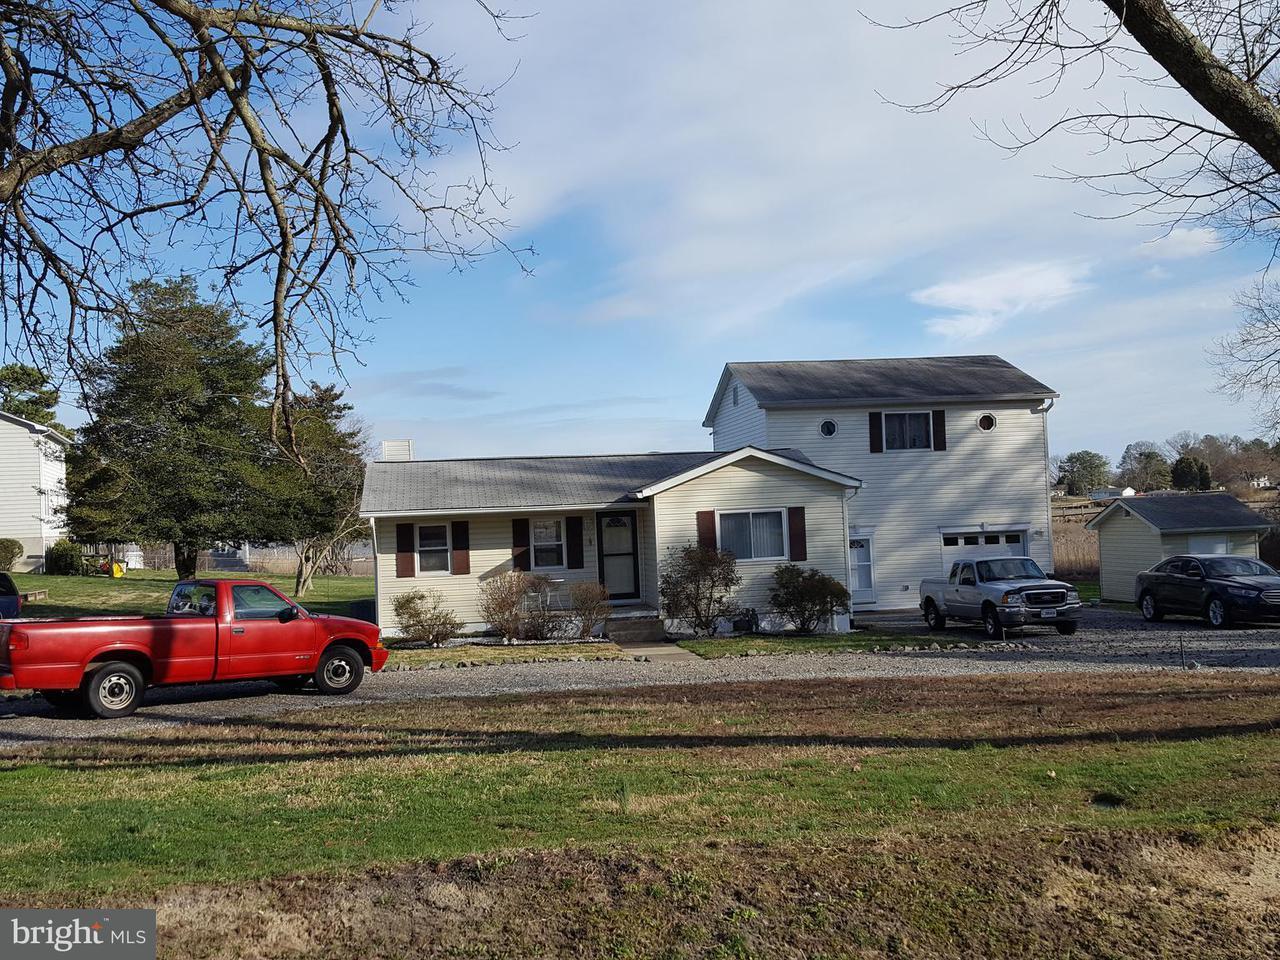 Μονοκατοικία για την Πώληση στο 1154 Shore Drive 1154 Shore Drive Colonial Beach, Βιρτζινια 22443 Ηνωμενεσ Πολιτειεσ